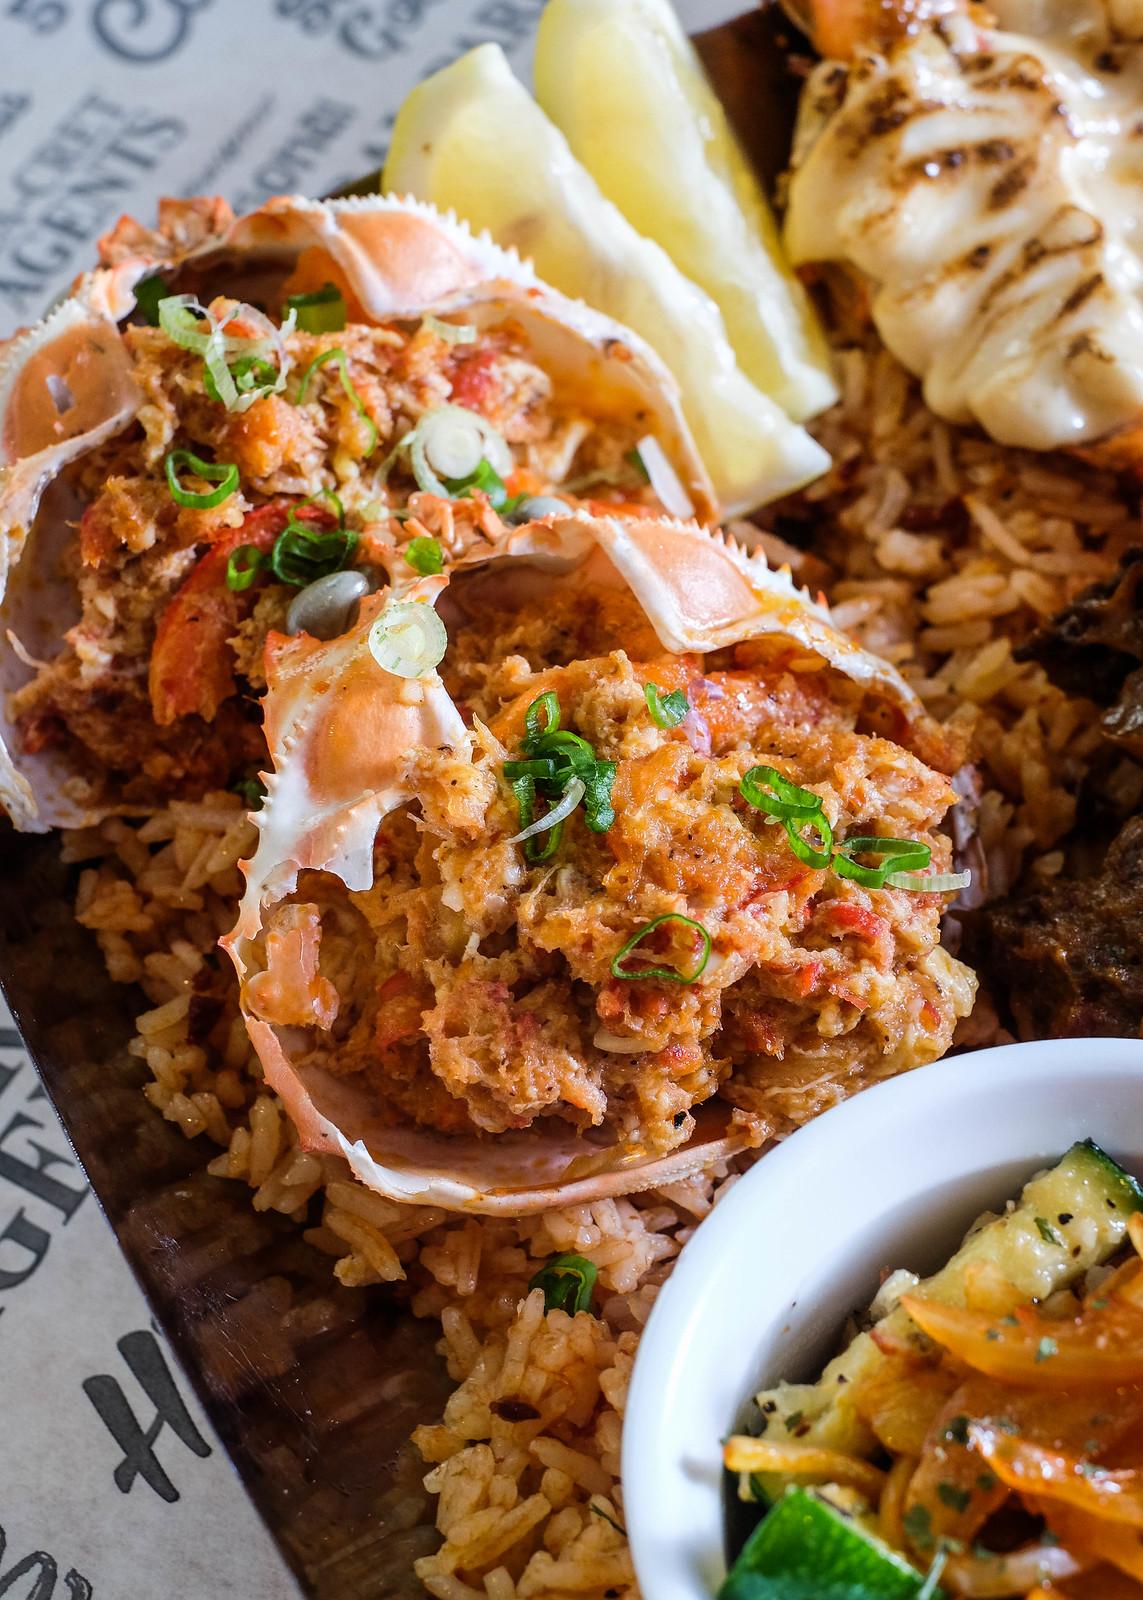 曼哈顿鱼市拼盘-辣椒蟹